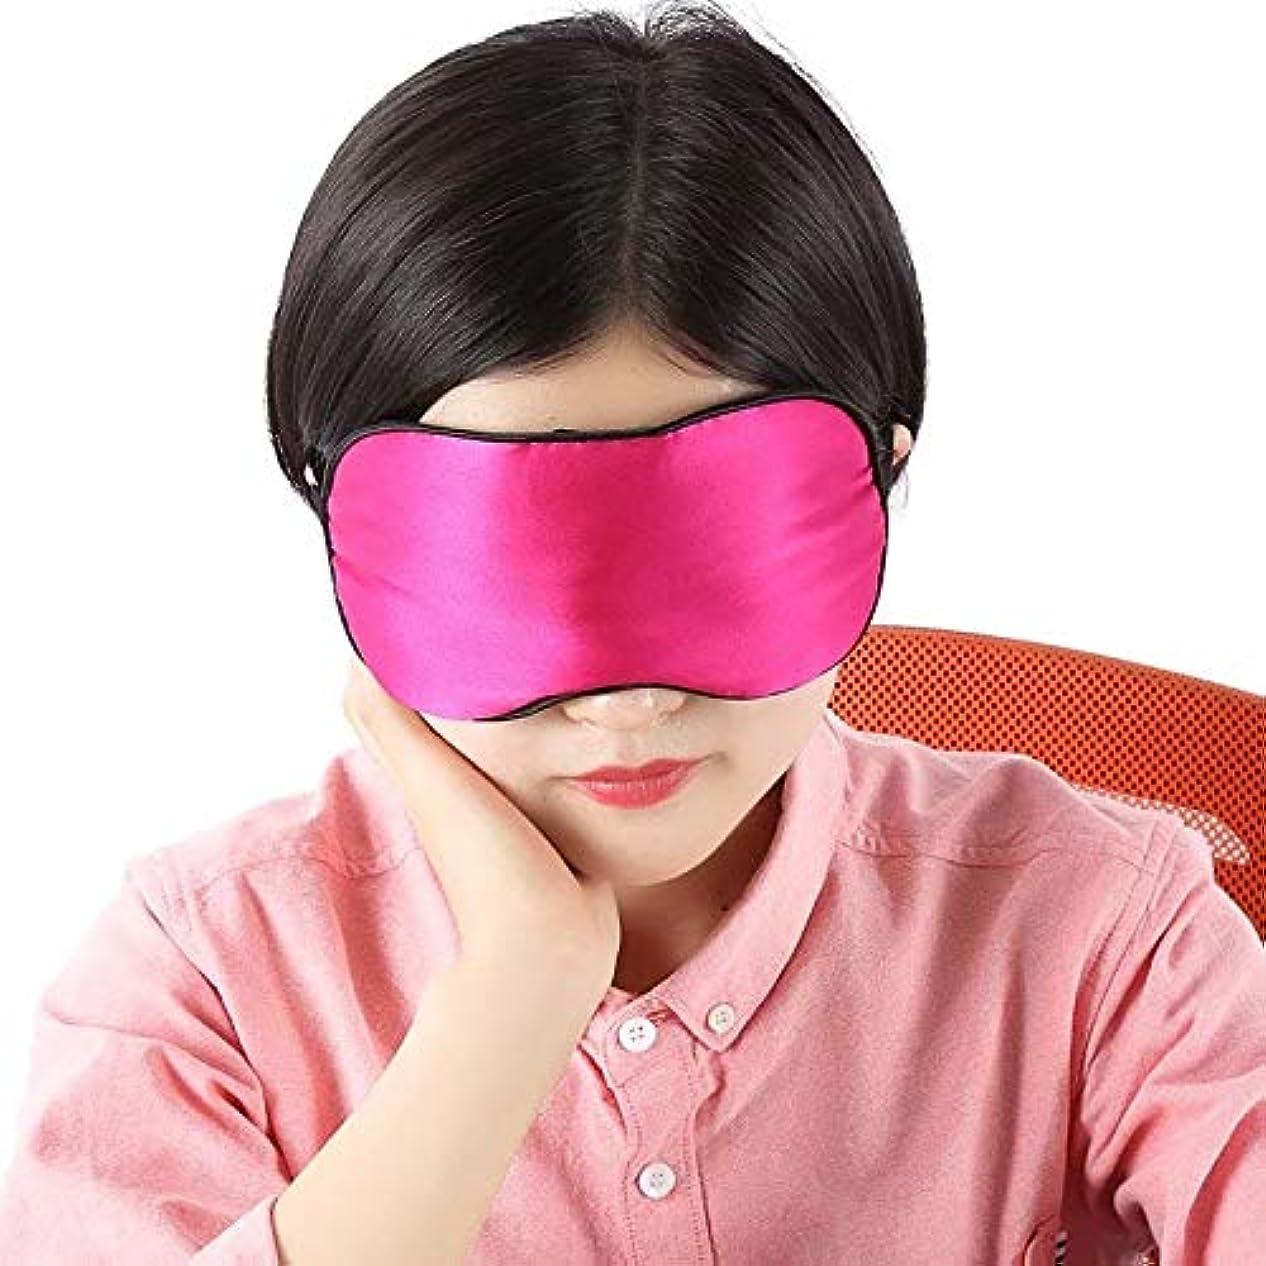 端末脱臼する遮るNOTE 1ピース両面シルクホットまたはコールド圧縮リラックス疲労緩和アイシェードアイスリーピングマスク目隠しカバー用良い睡眠